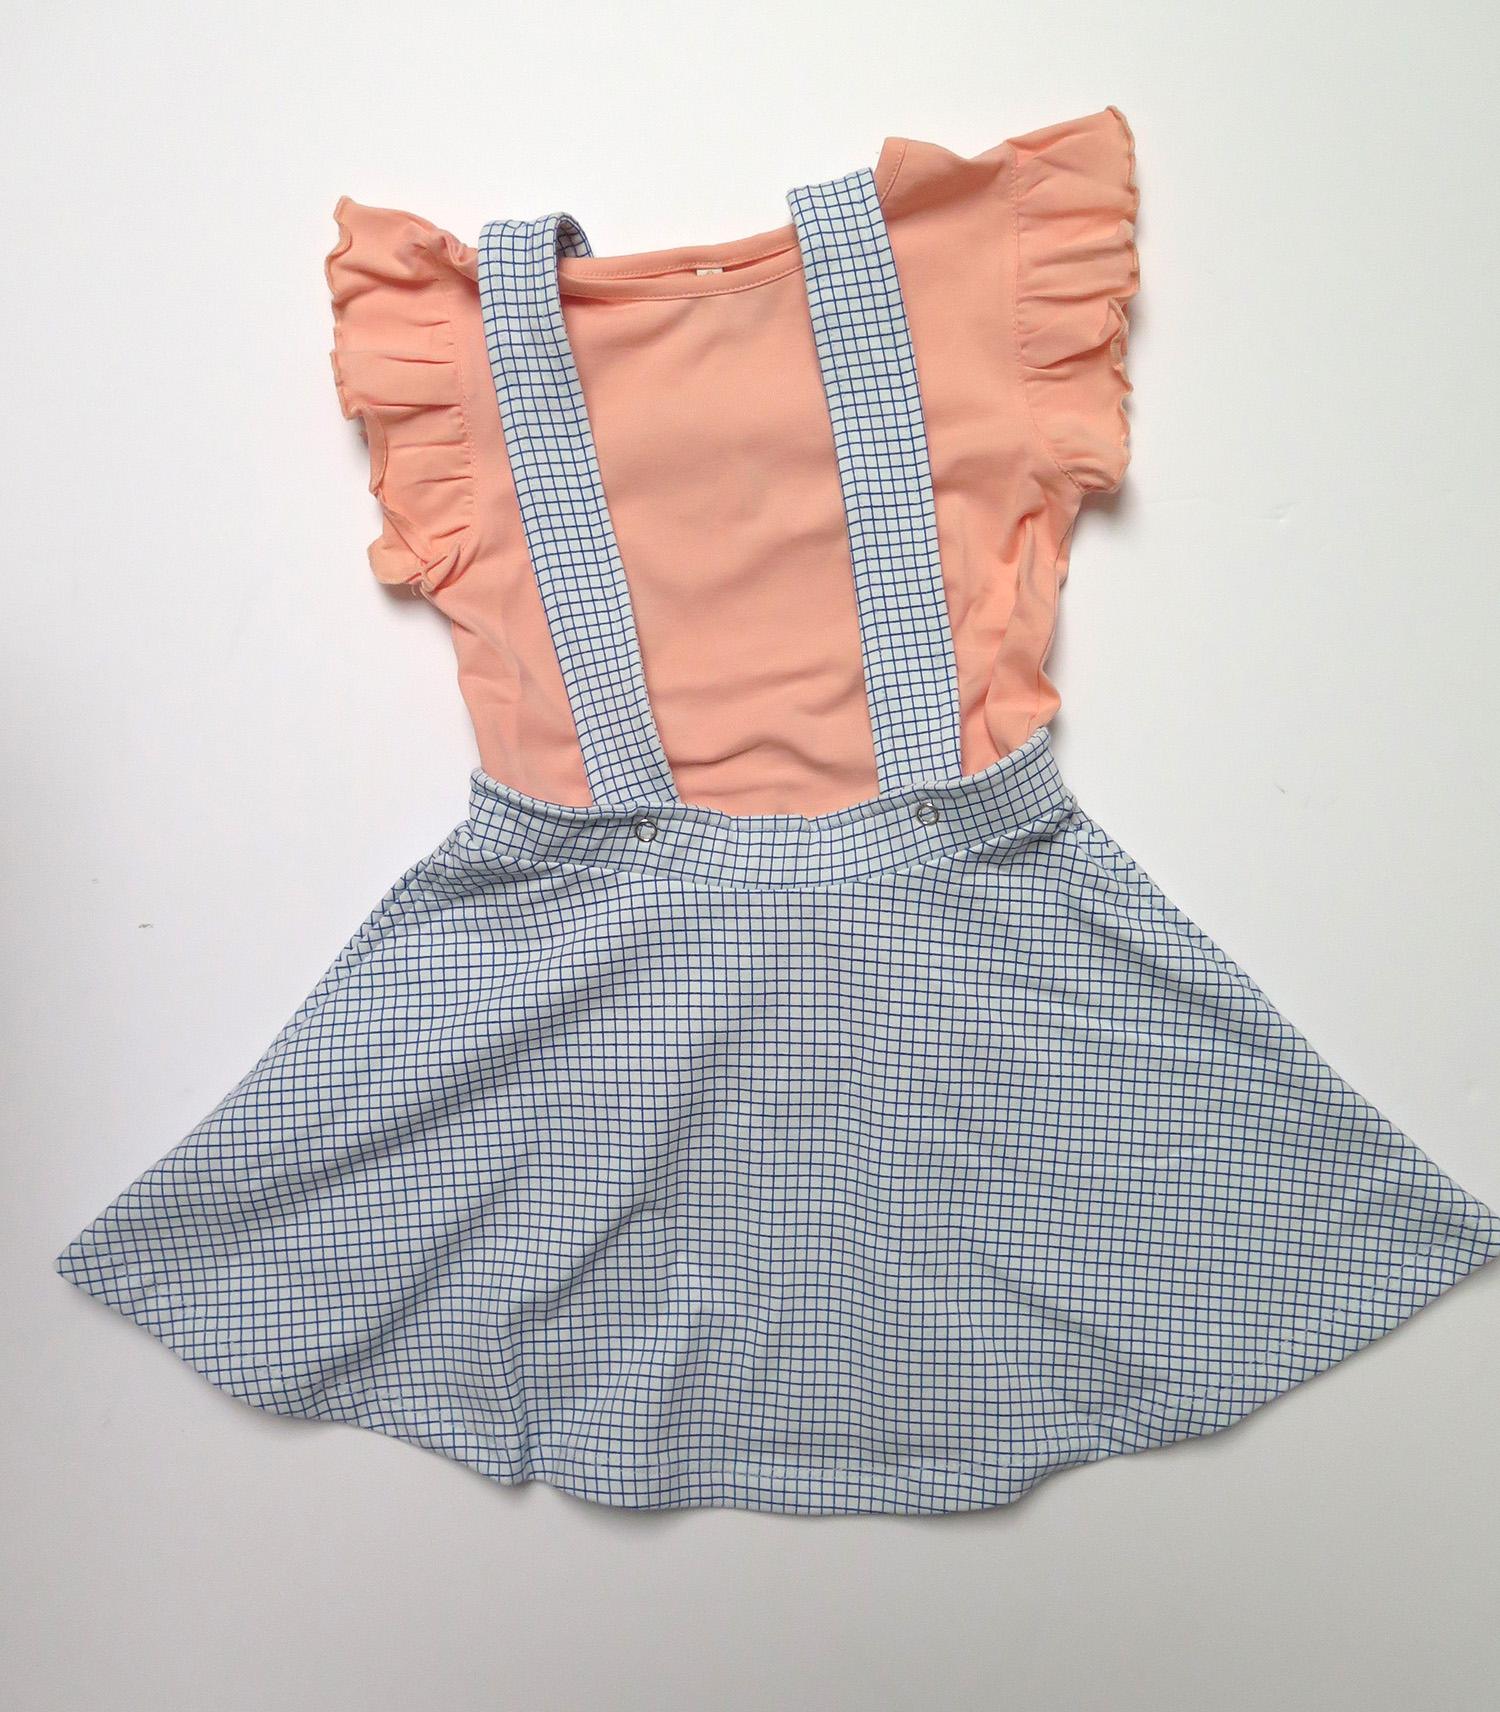 Meisjeskleding outfit inspiratie